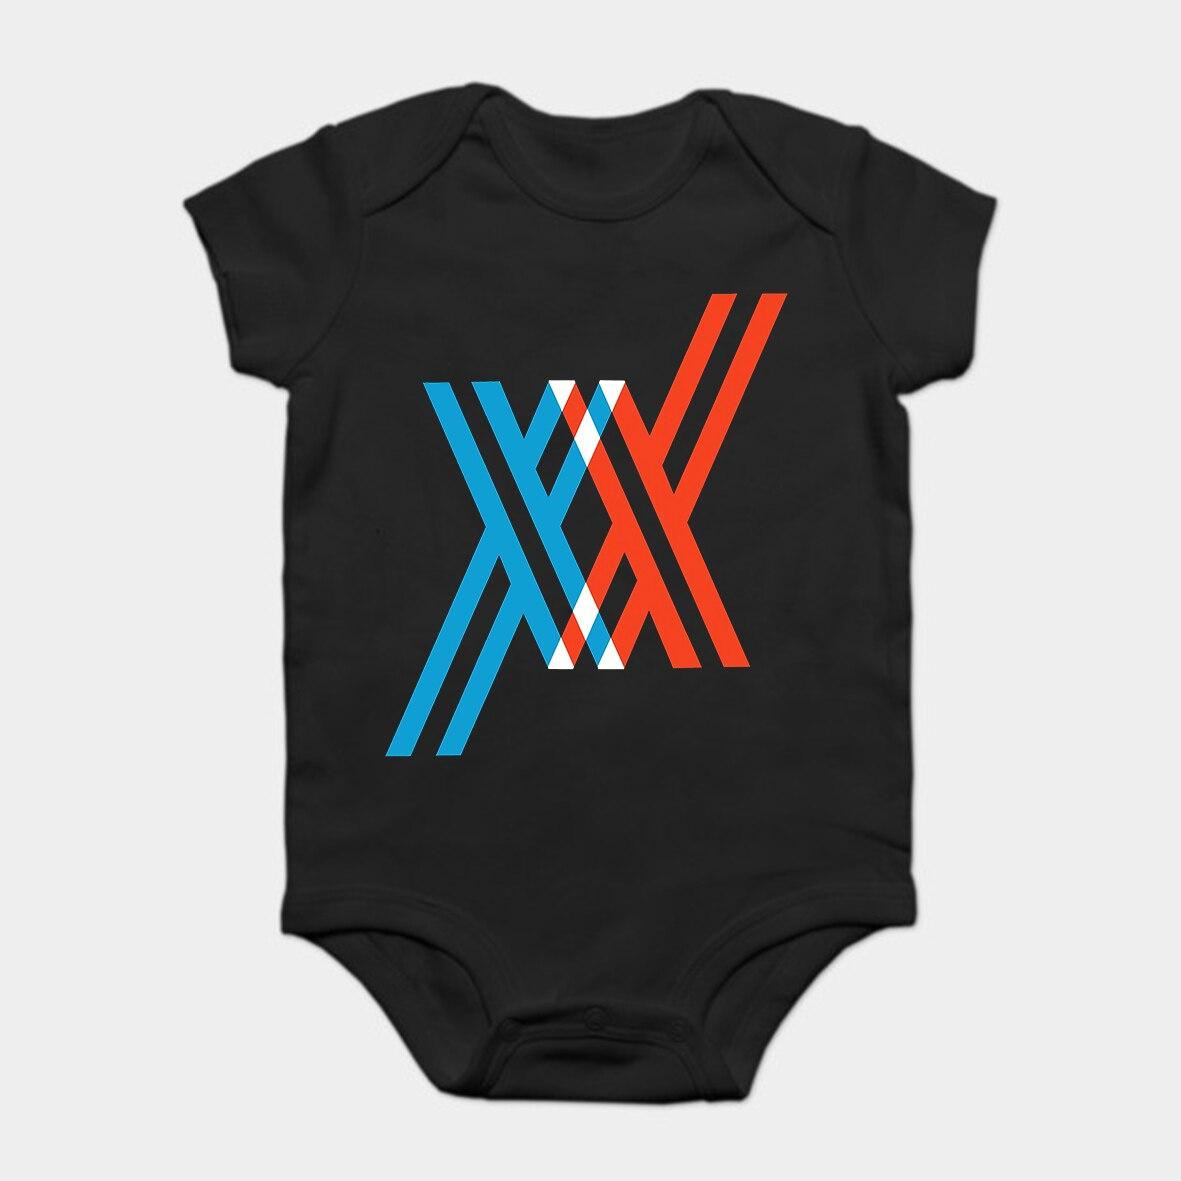 Bebê macacão bebê bodysuits criança t camisa impresso algodão querido no franxx manga curta